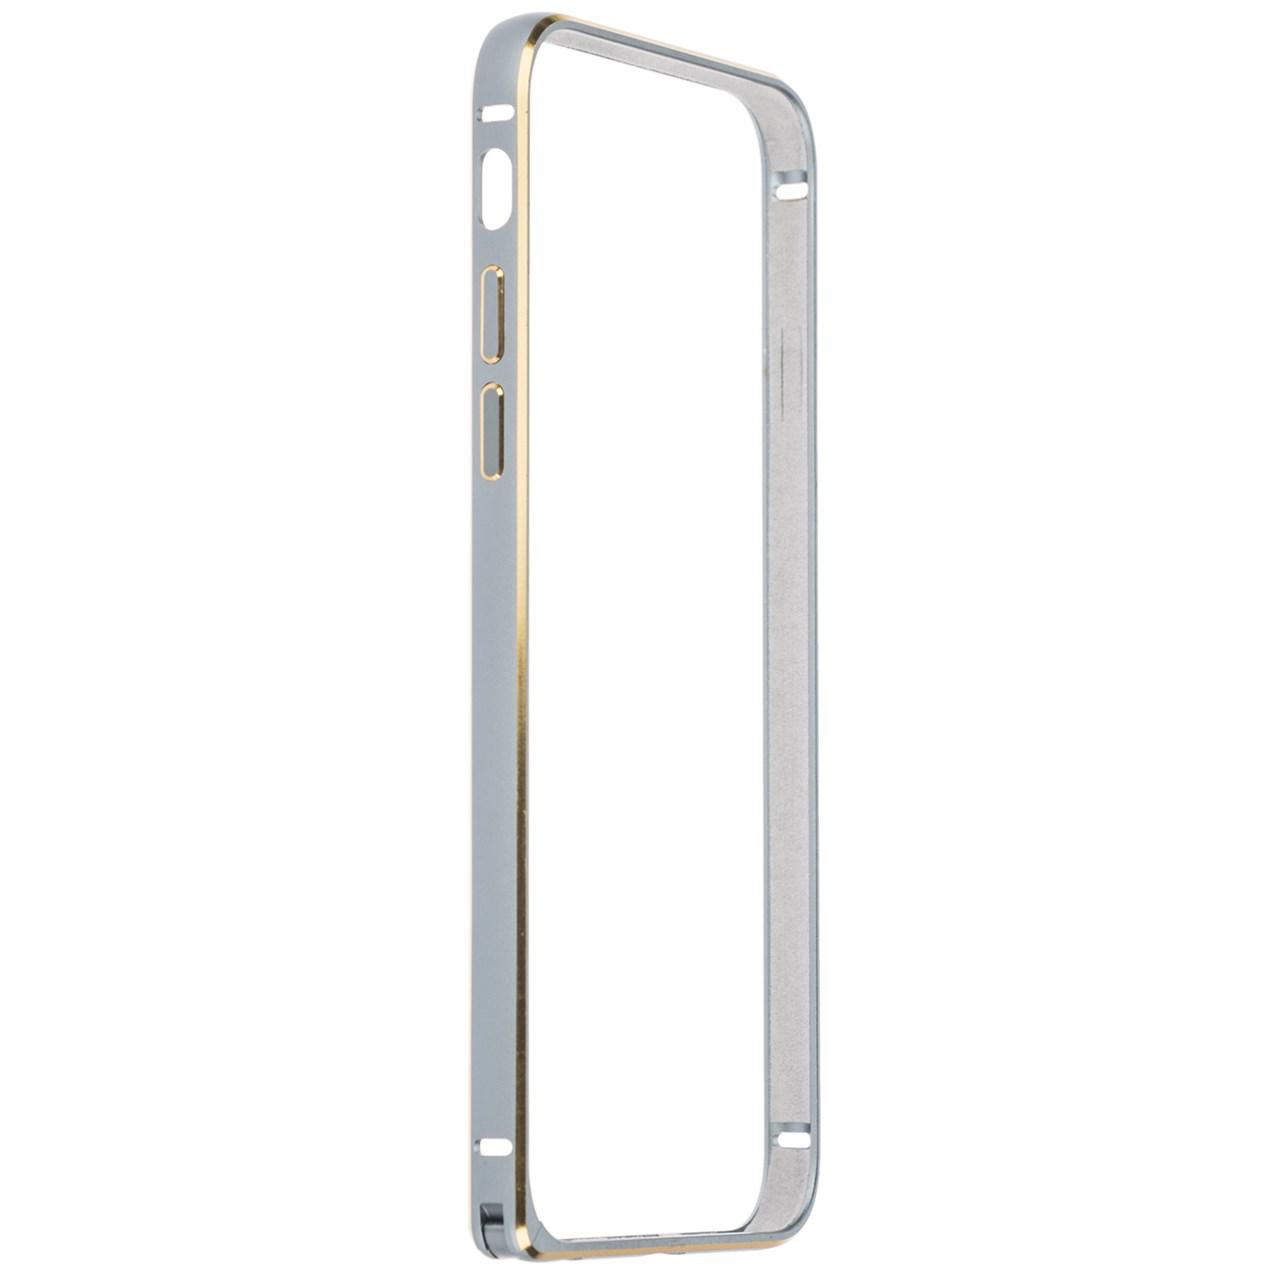 بامپر کوتیتکی مدل CS1902 مناسب برای گوشی موبایل آیفون 6/6s              ( قیمت و خرید)